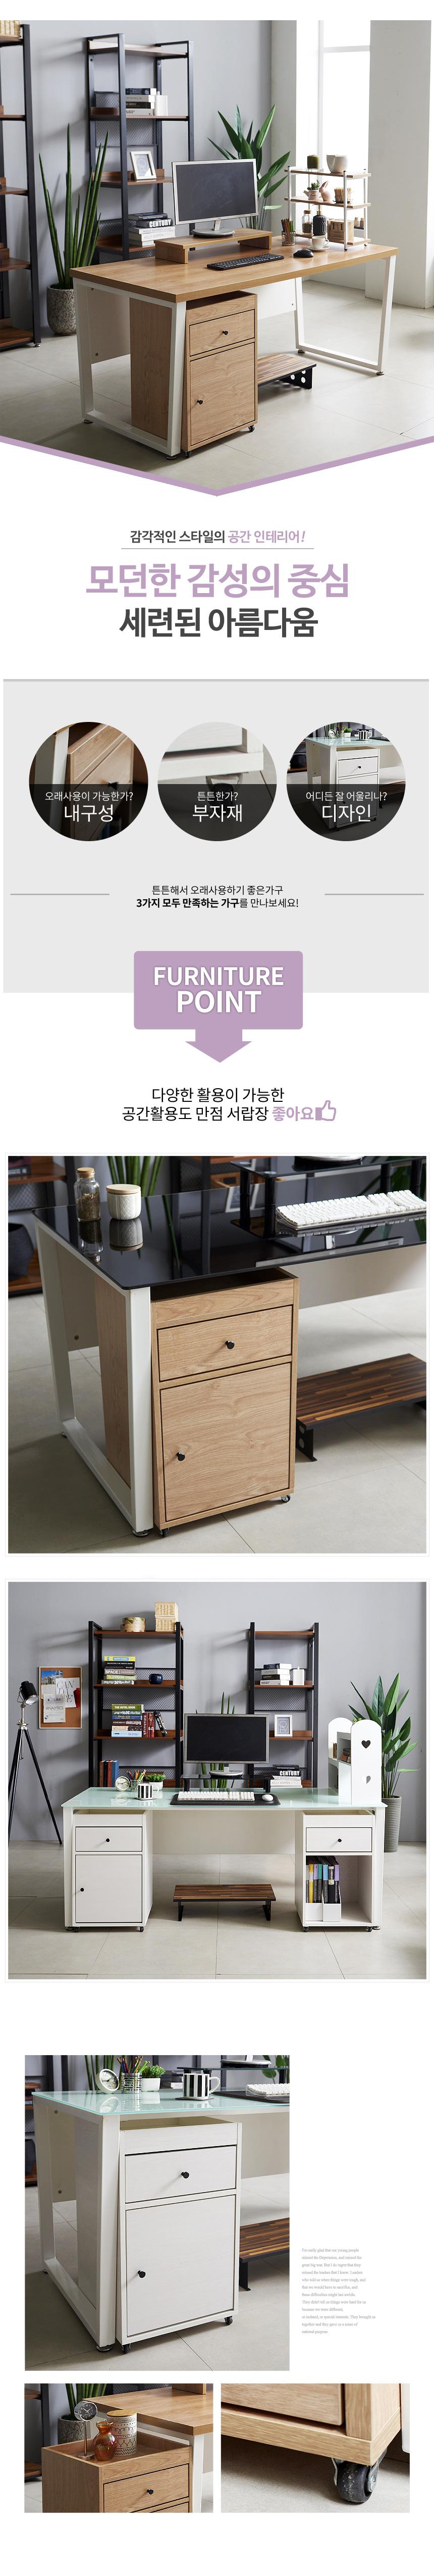 크린 고급형 서랍장 - 동화속나무, 97,000원, 책상/의자, 책상소품/부품